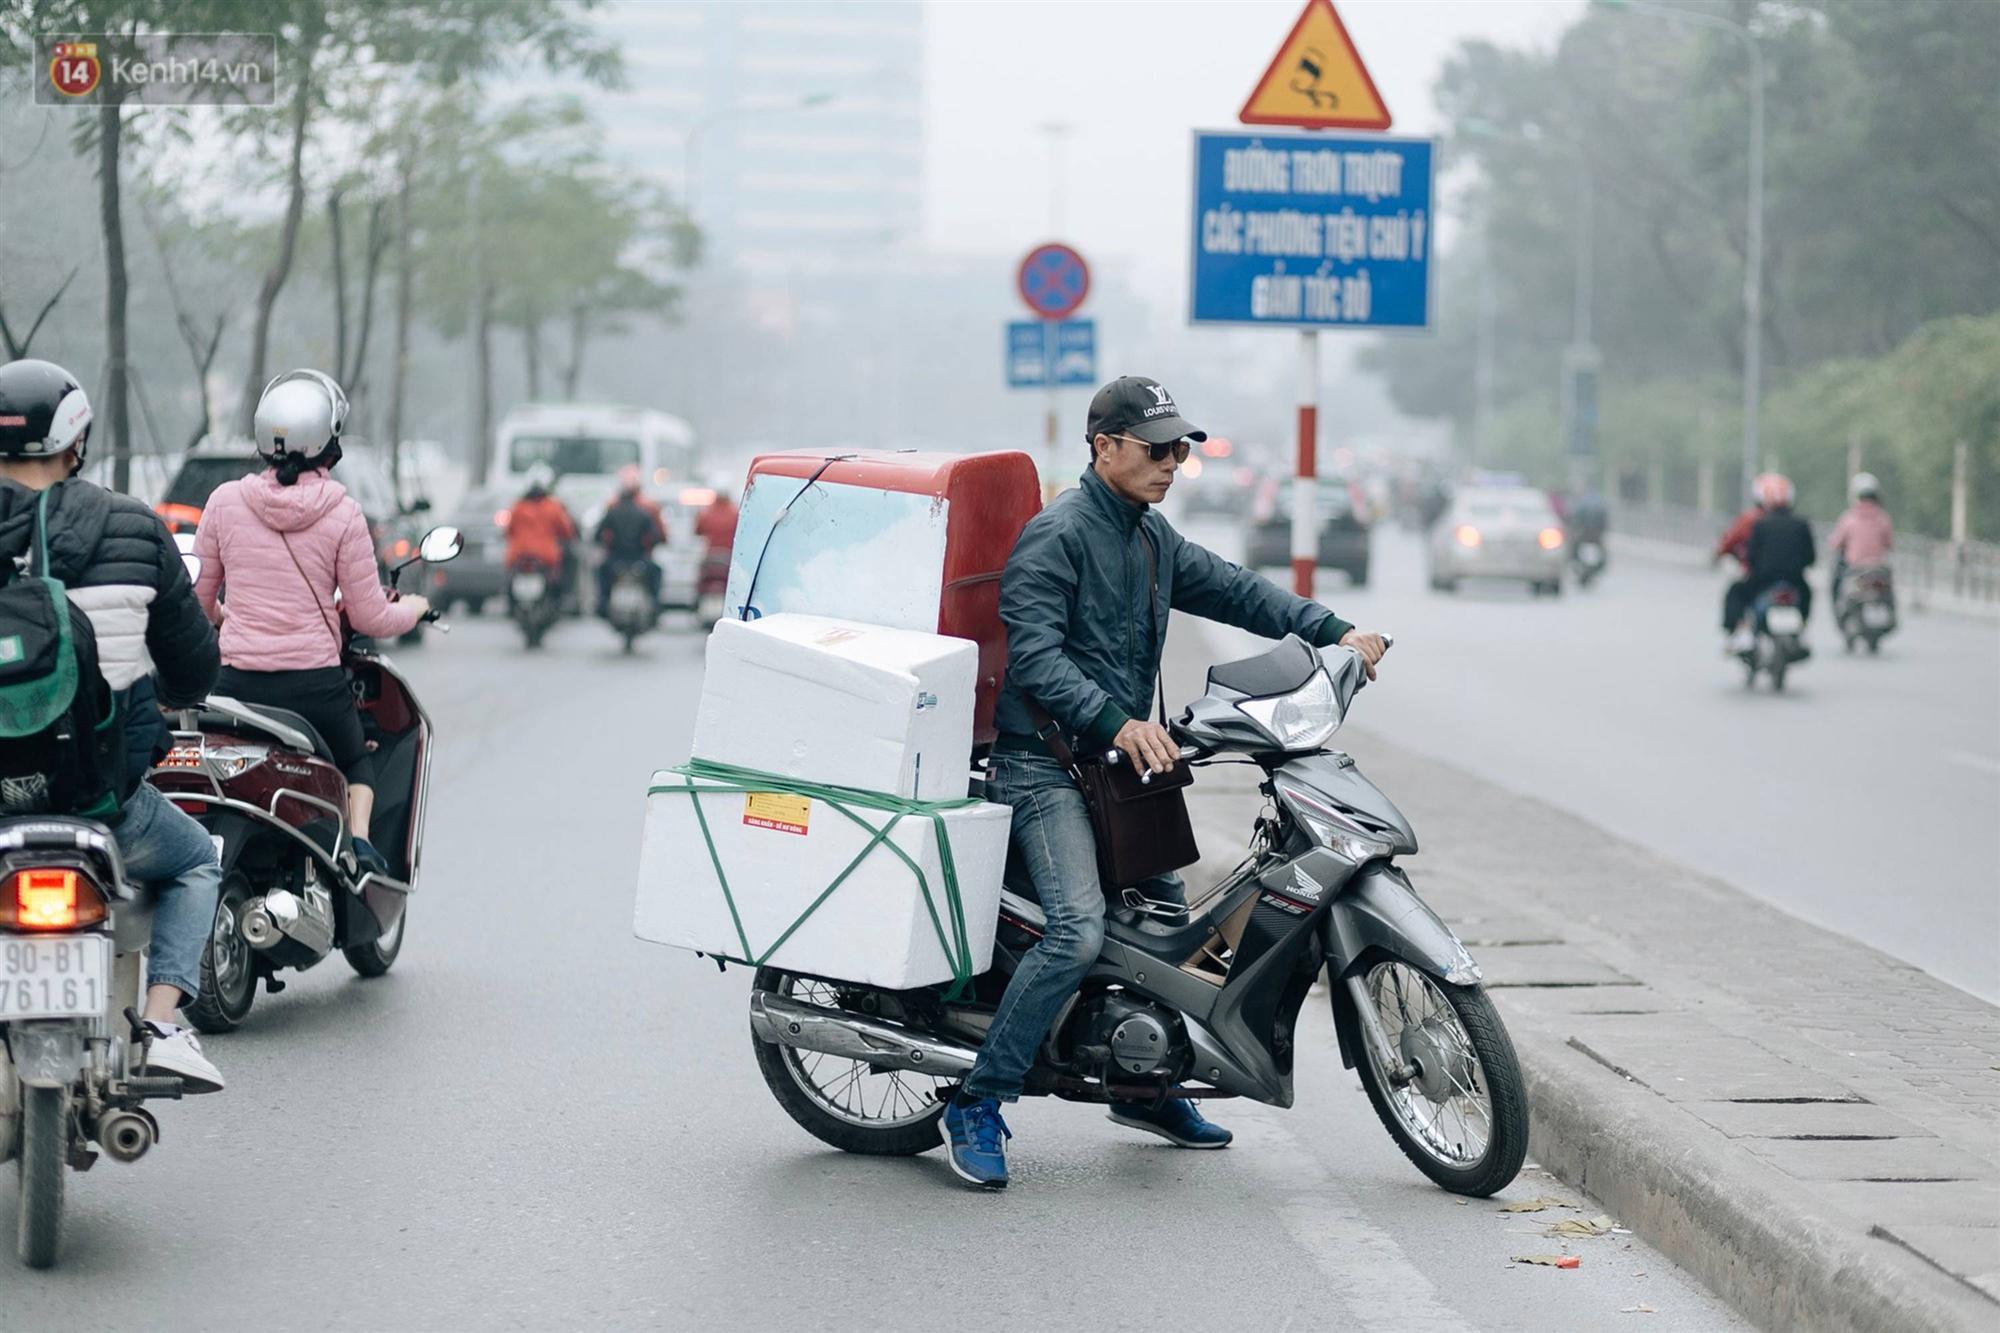 Chùm ảnh: Từ 3h chiều, đường phố Hà Nội ùn tắc không lối thoát ngày giáp Tết-9